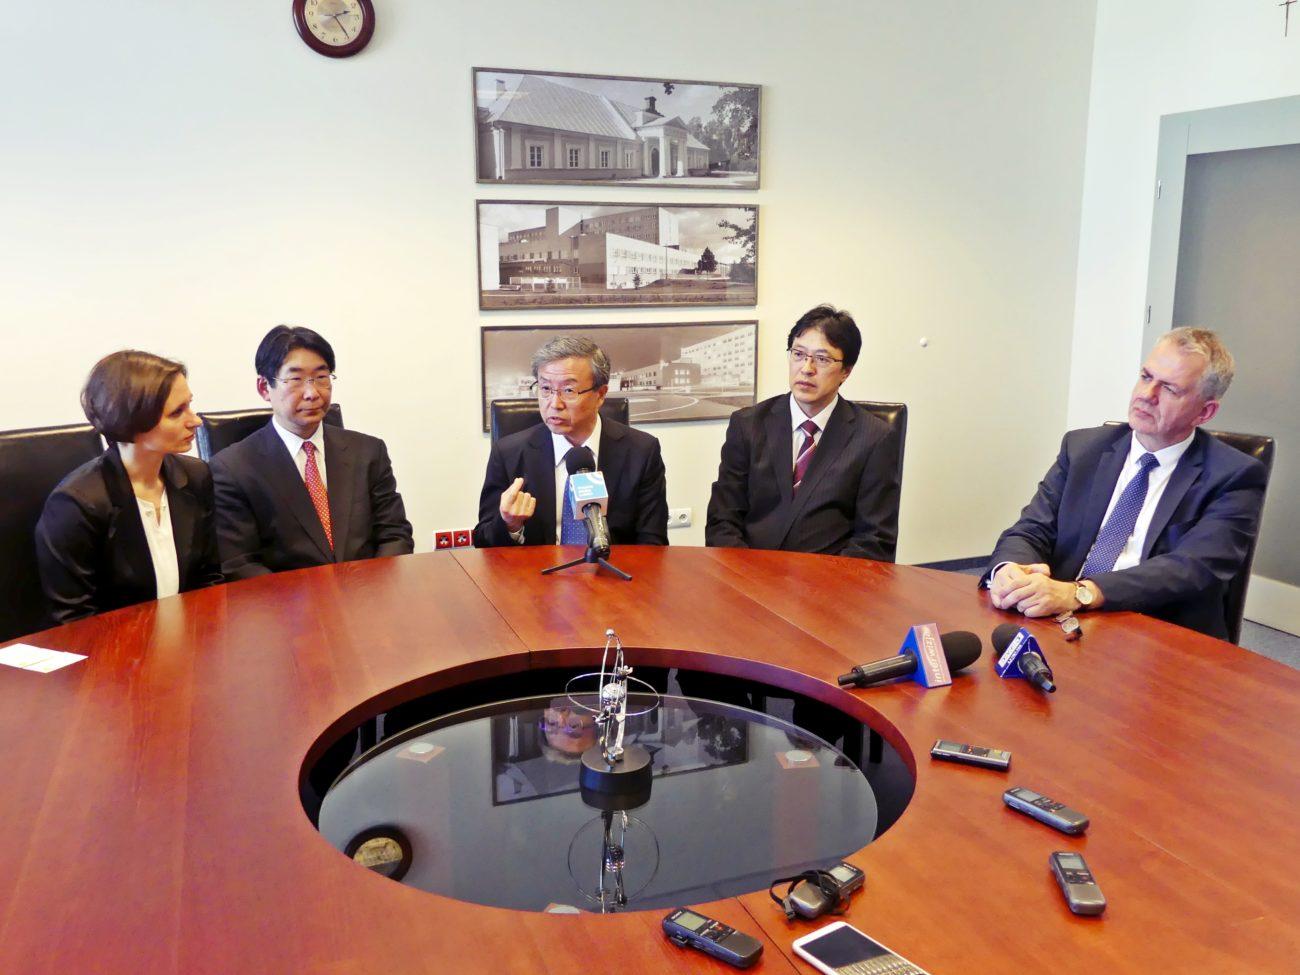 Biała Podlaska: Rozbudowa onkologii we współpracy z Japończykami